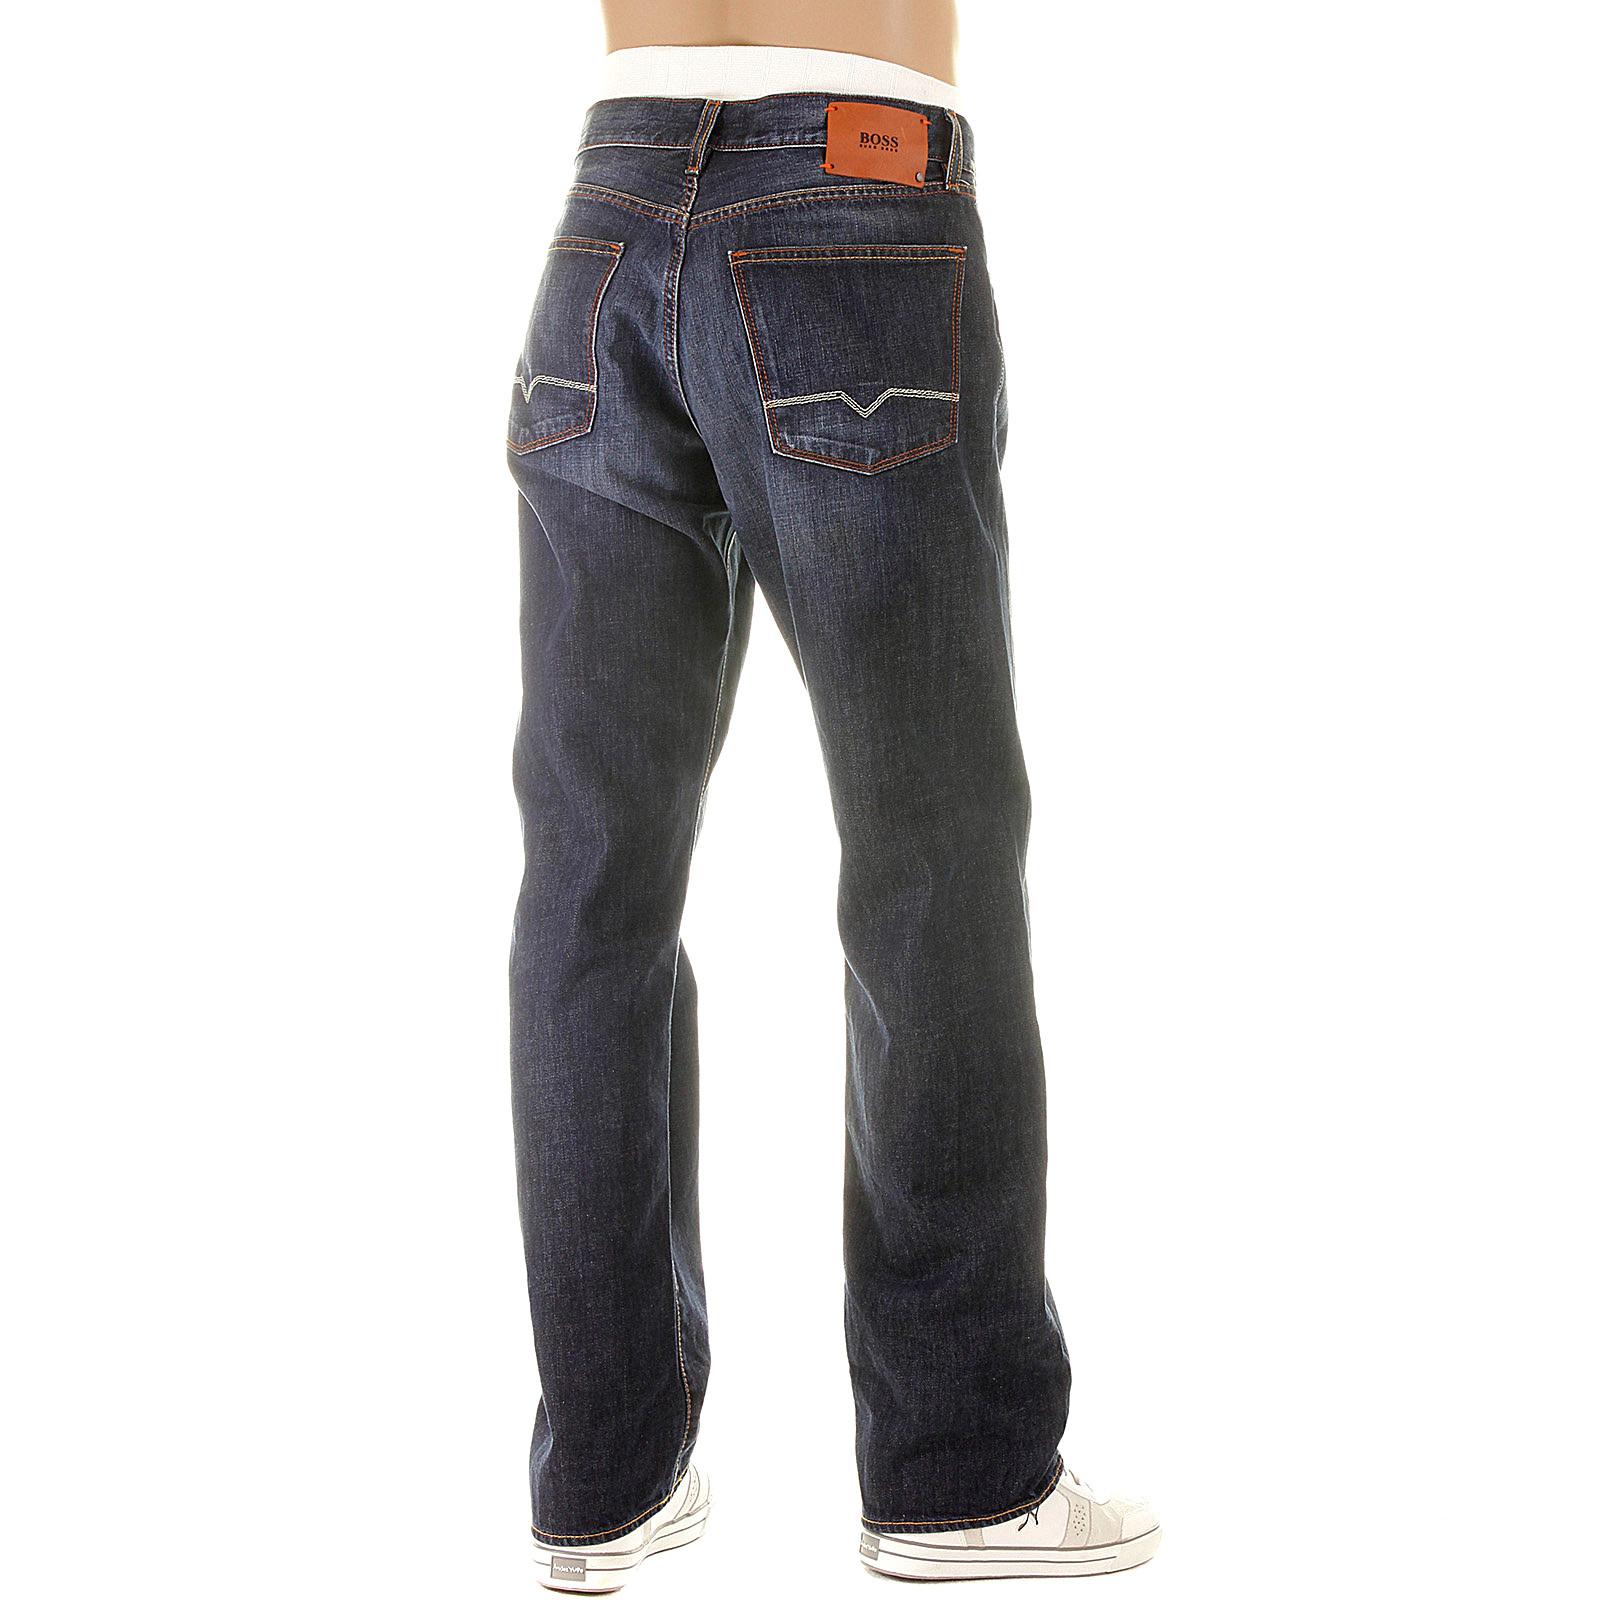 boss orange jeans hb1 401 50125187 dark wash hugo boss. Black Bedroom Furniture Sets. Home Design Ideas